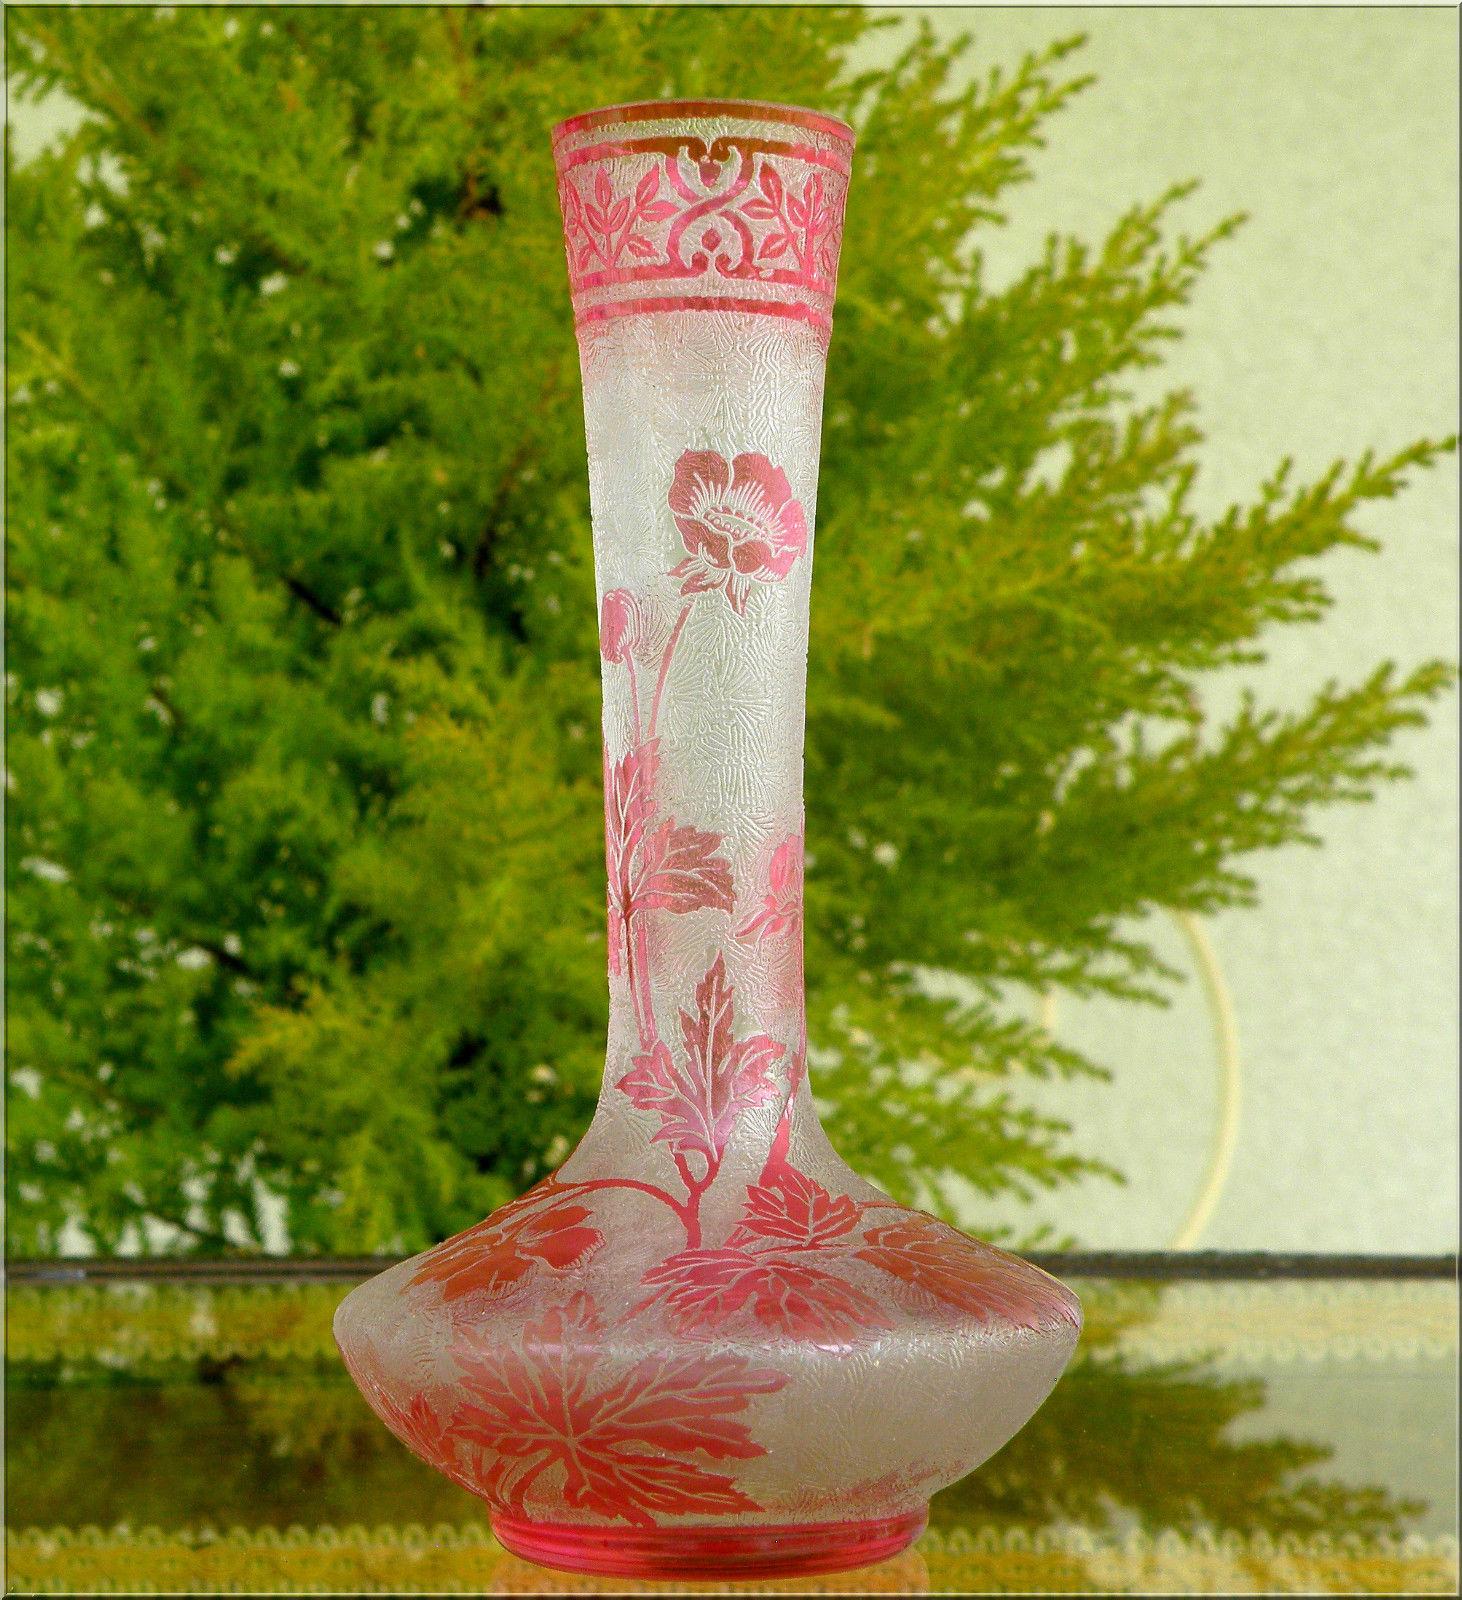 バカラ ピンクのエグランチエ技法の花瓶